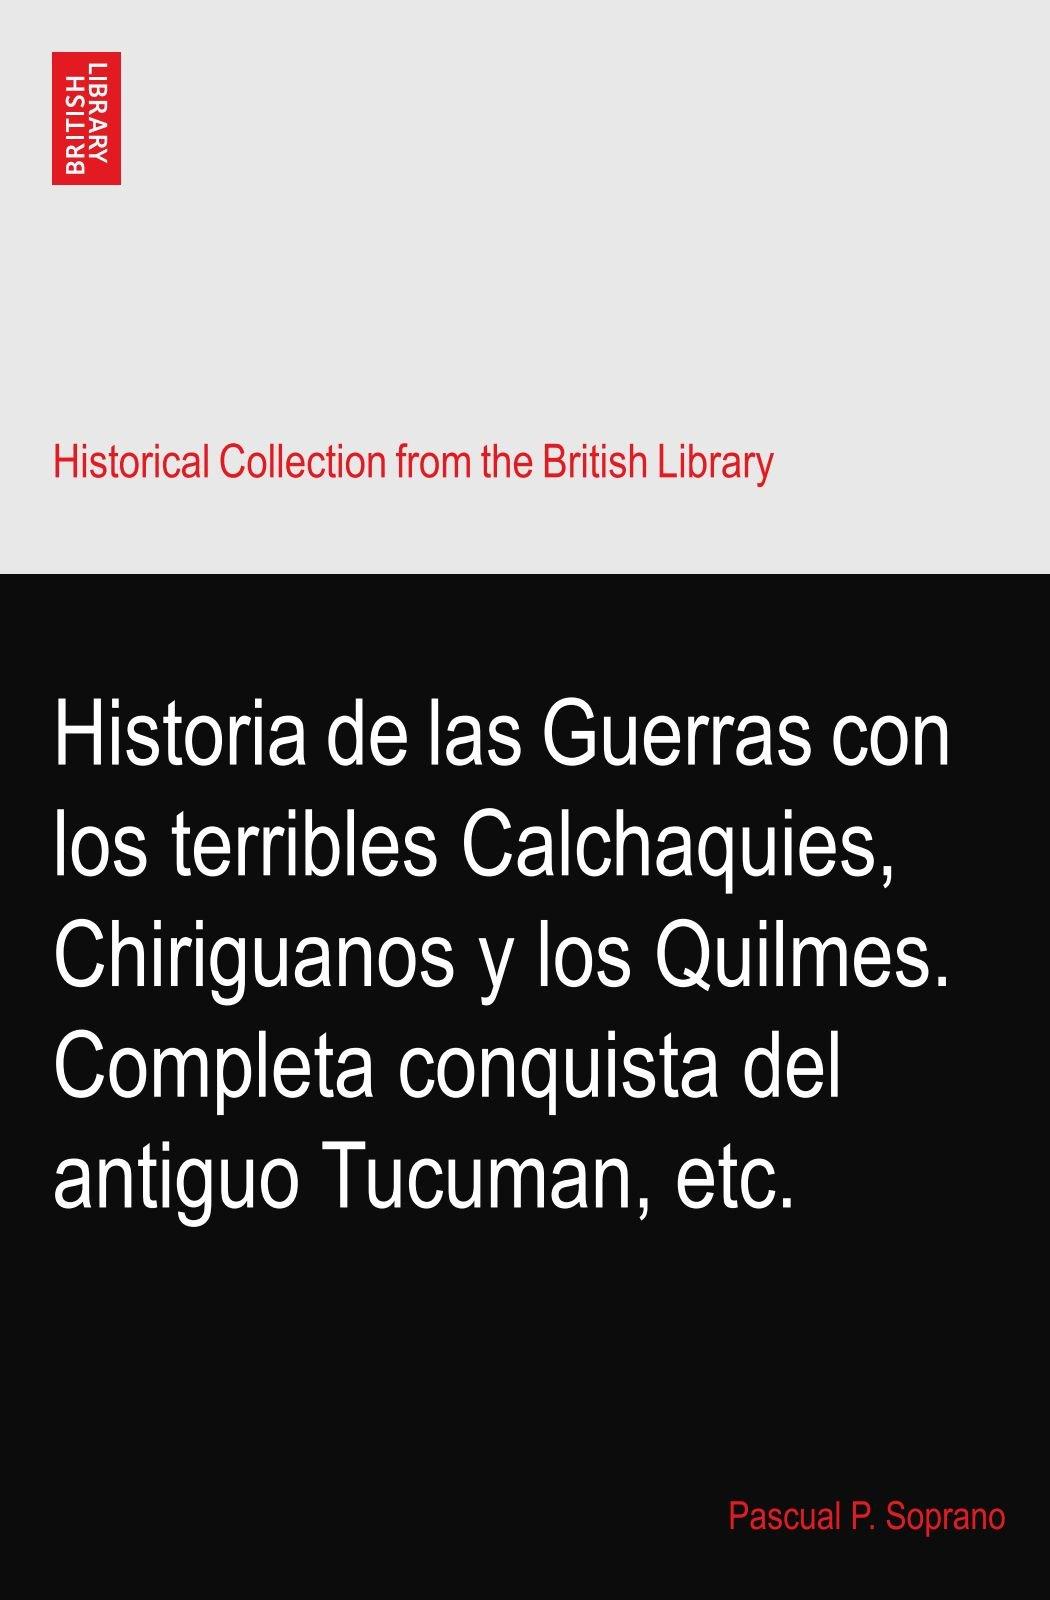 Download Historia de las Guerras con los terribles Calchaquies, Chiriguanos y los Quilmes. Completa conquista del antiguo Tucuman, etc. PDF